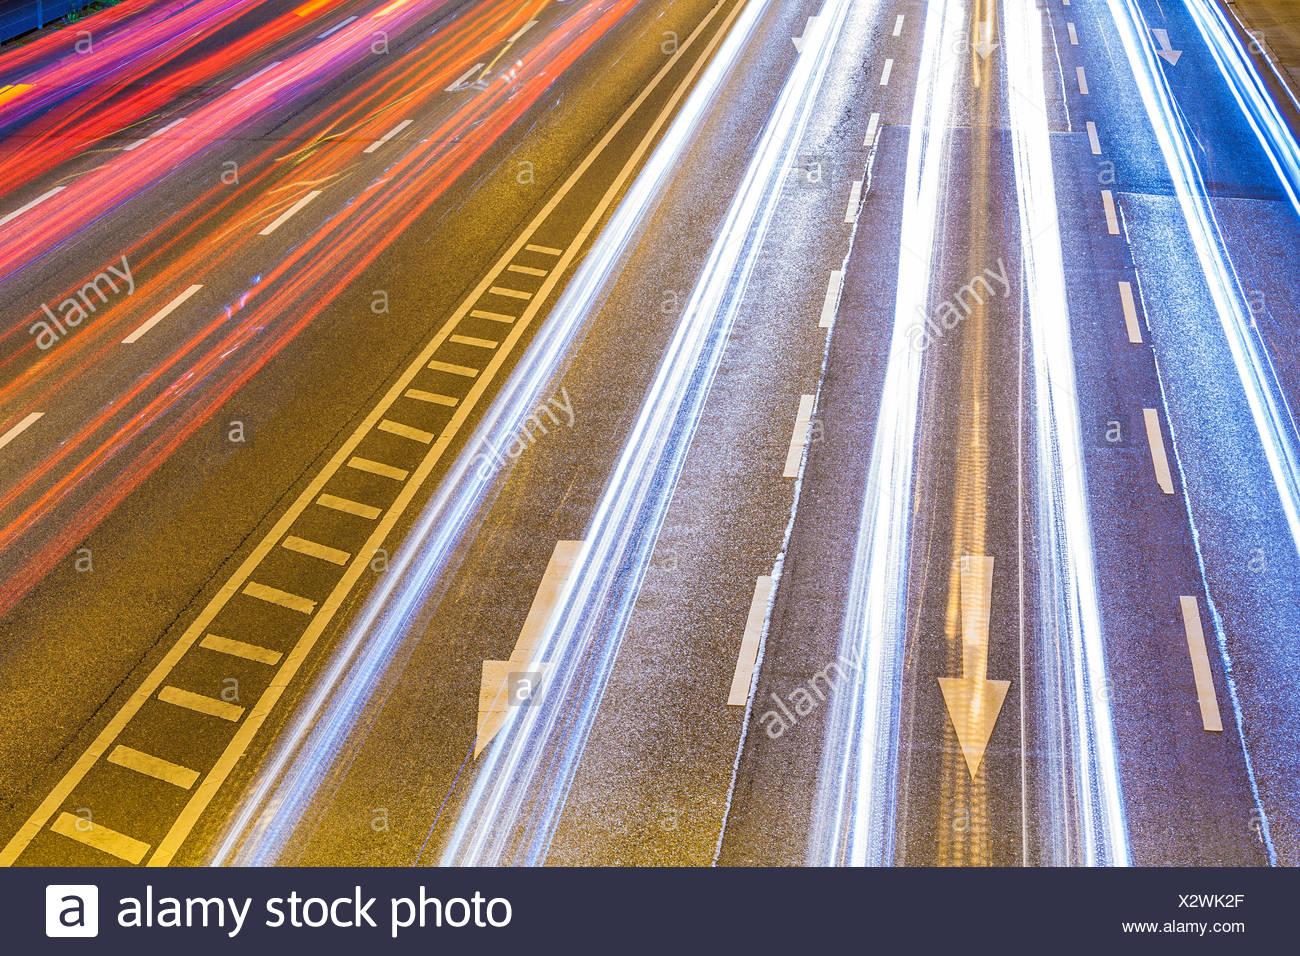 Deutschland, Baden-Württemberg, Stuttgart, B14, Bundesstraße, Lichtspuren bei Nacht, Pfeile, Verkehr, Straßenverkehr, Richtung Stock Photo